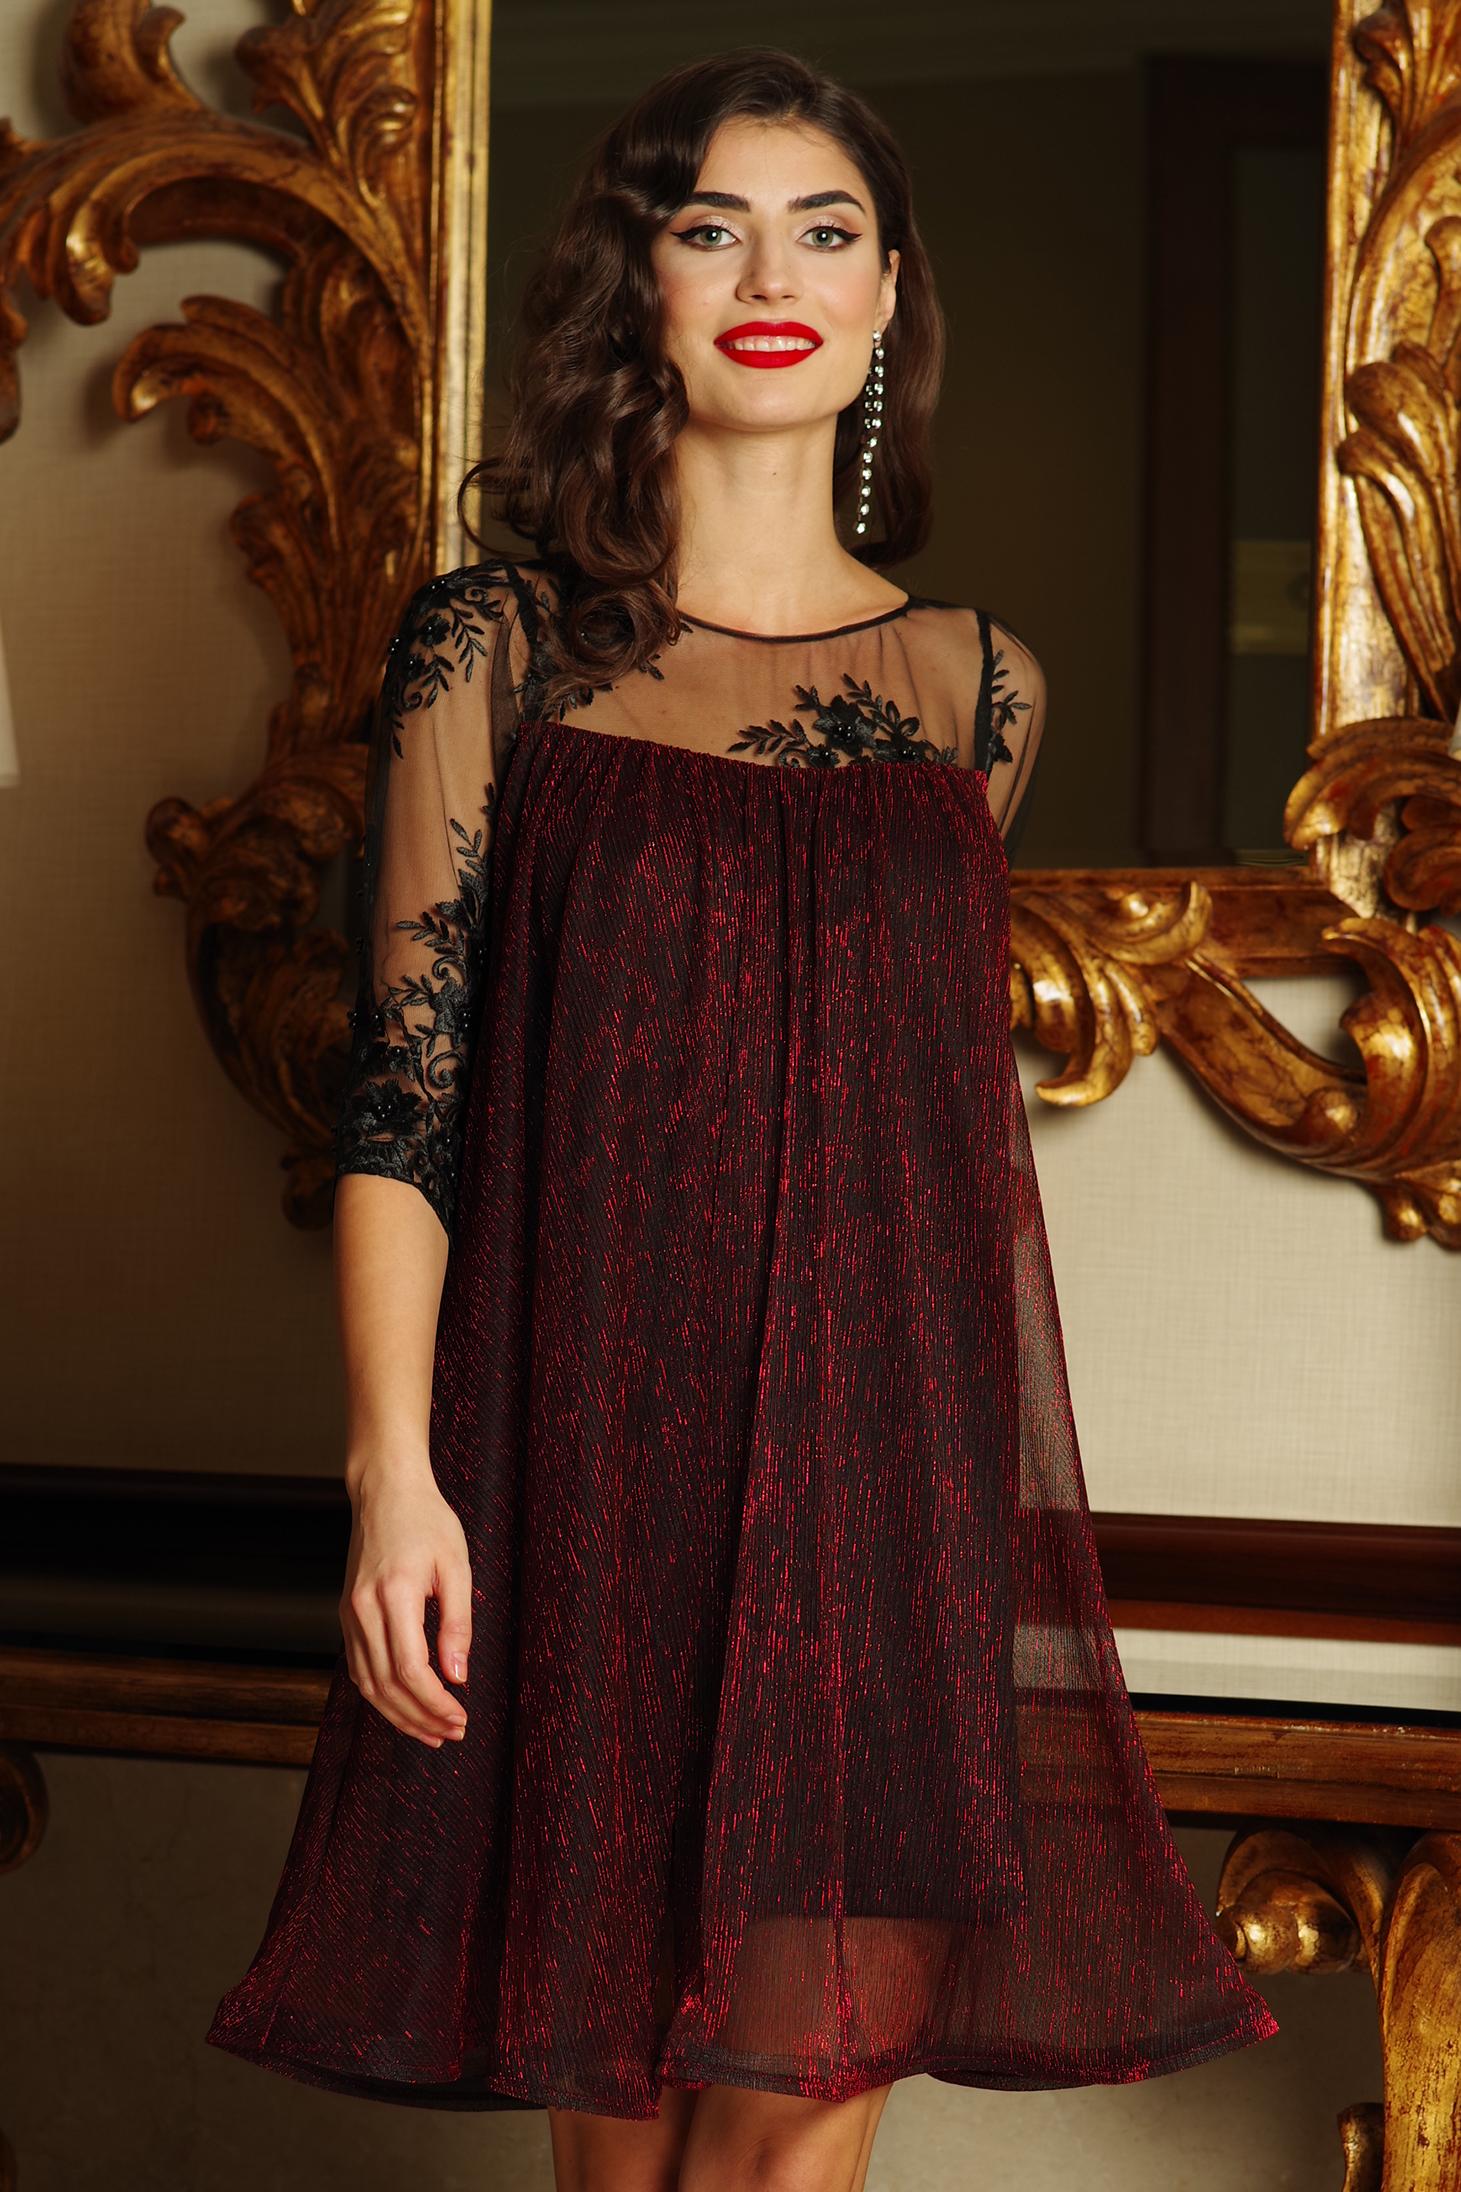 Burgundy Artista alkalmi bő szabású ruha vékony anyag belső béléssel csipke ujj lamé szál